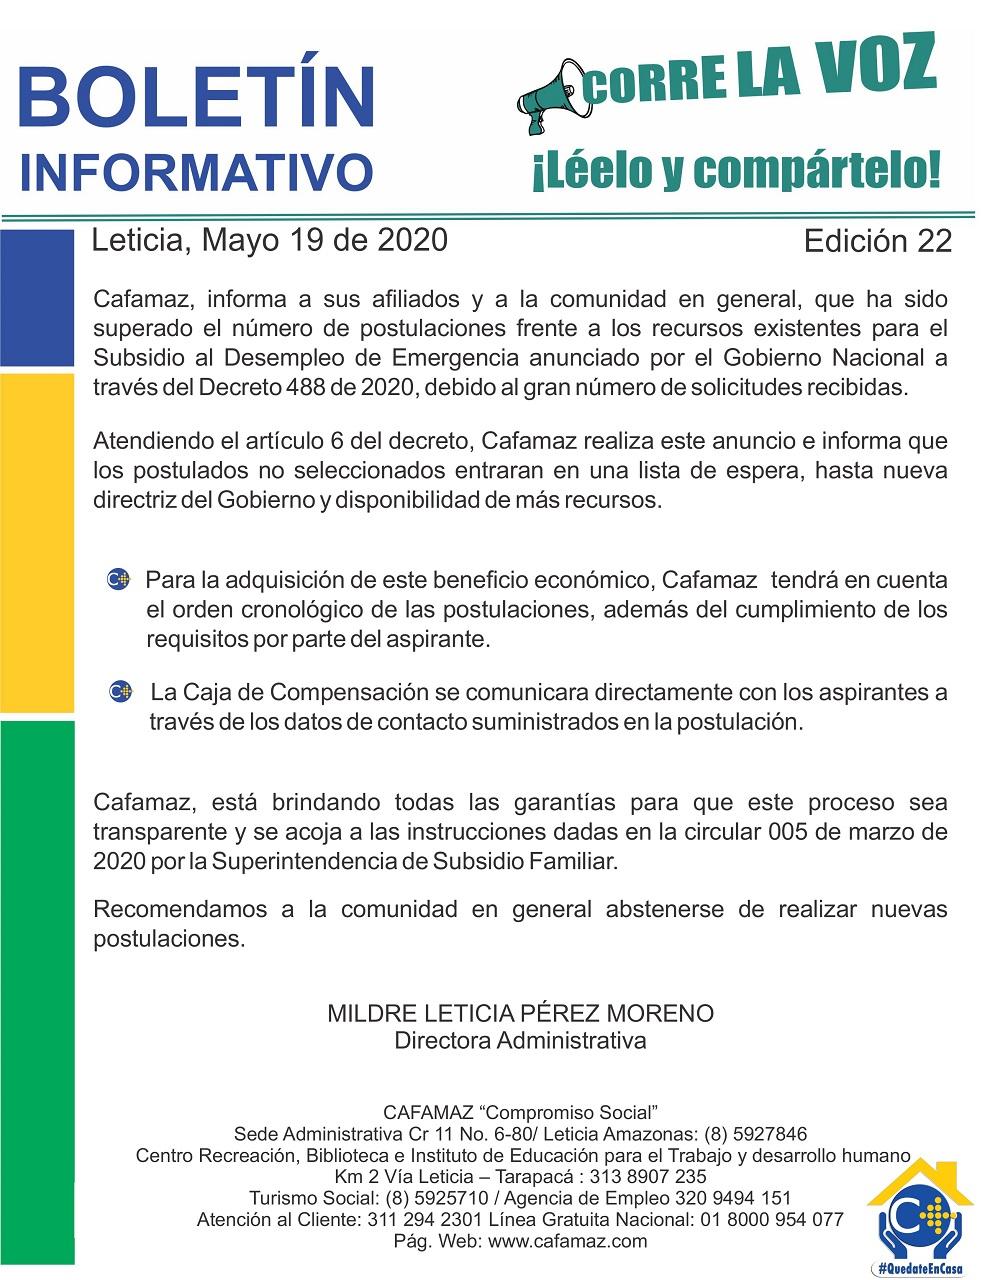 Boletín Informativo Edición 22 – LISTA DE ESPERA, SUBSIDIO DE EMERGENCIA AL DESEMPLEO | Cafamaz, 2020